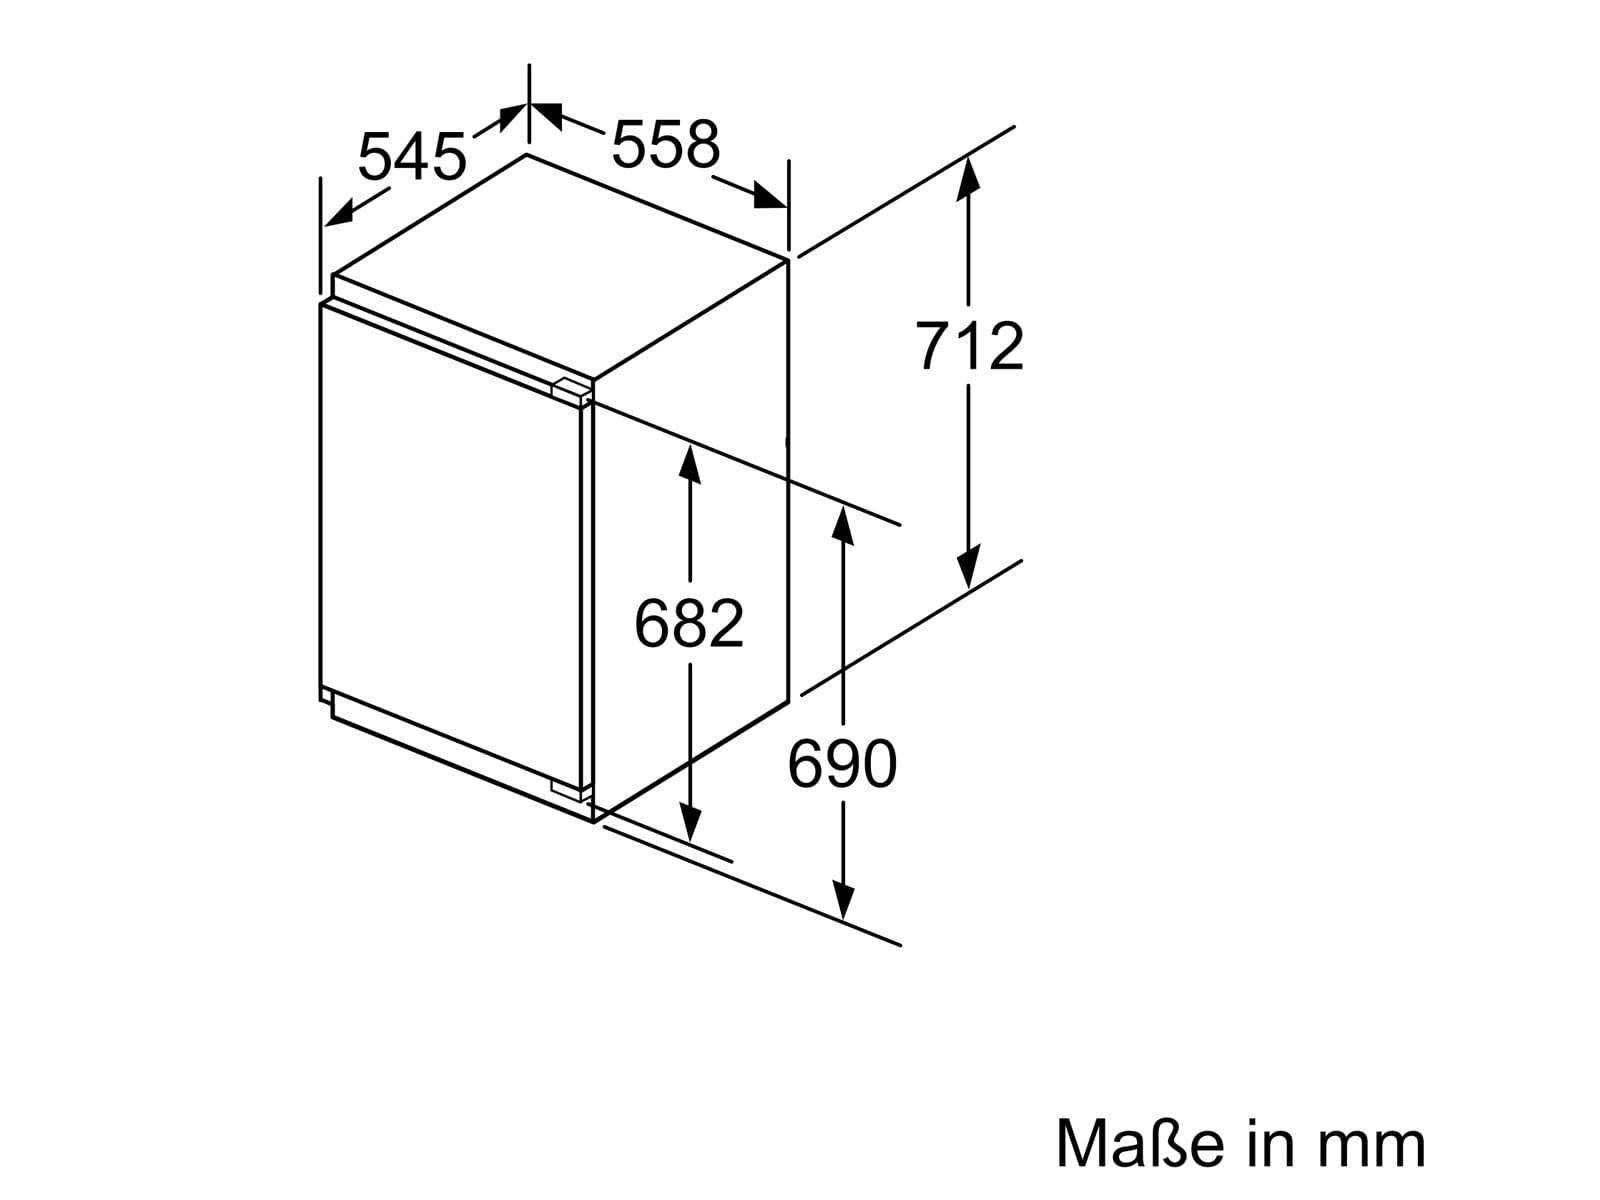 Bosch GIV11ADC0 Einbaugefrierschrank